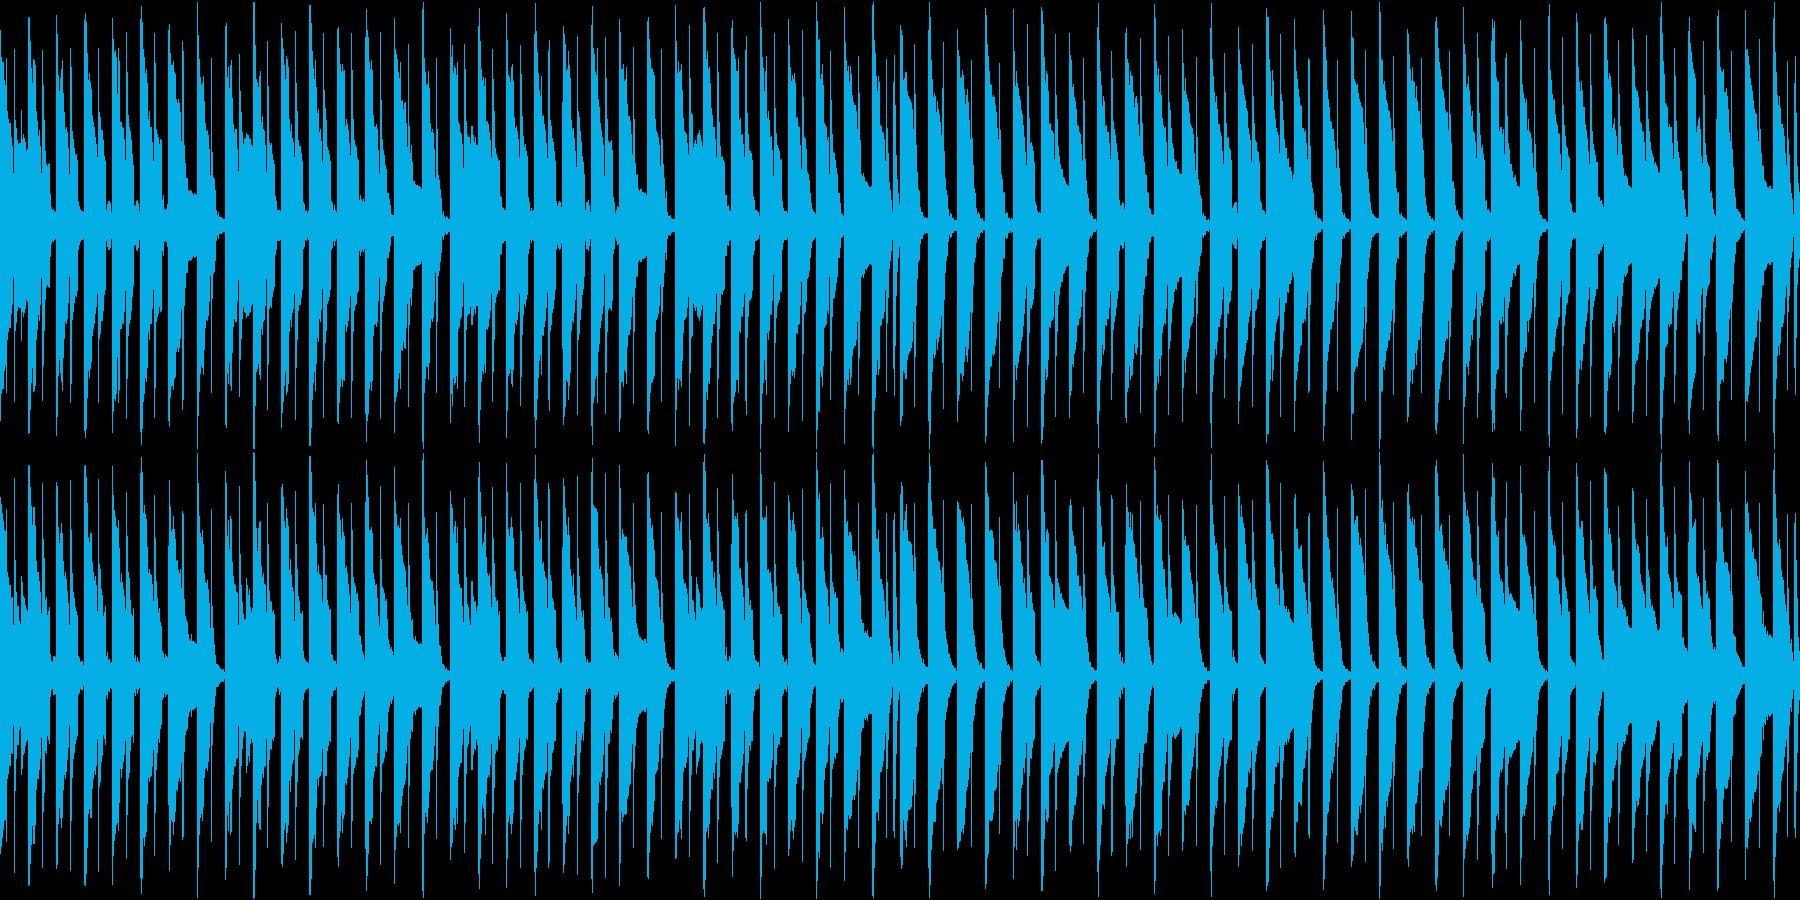 マップ画面・ロボット部屋・ループシンセの再生済みの波形